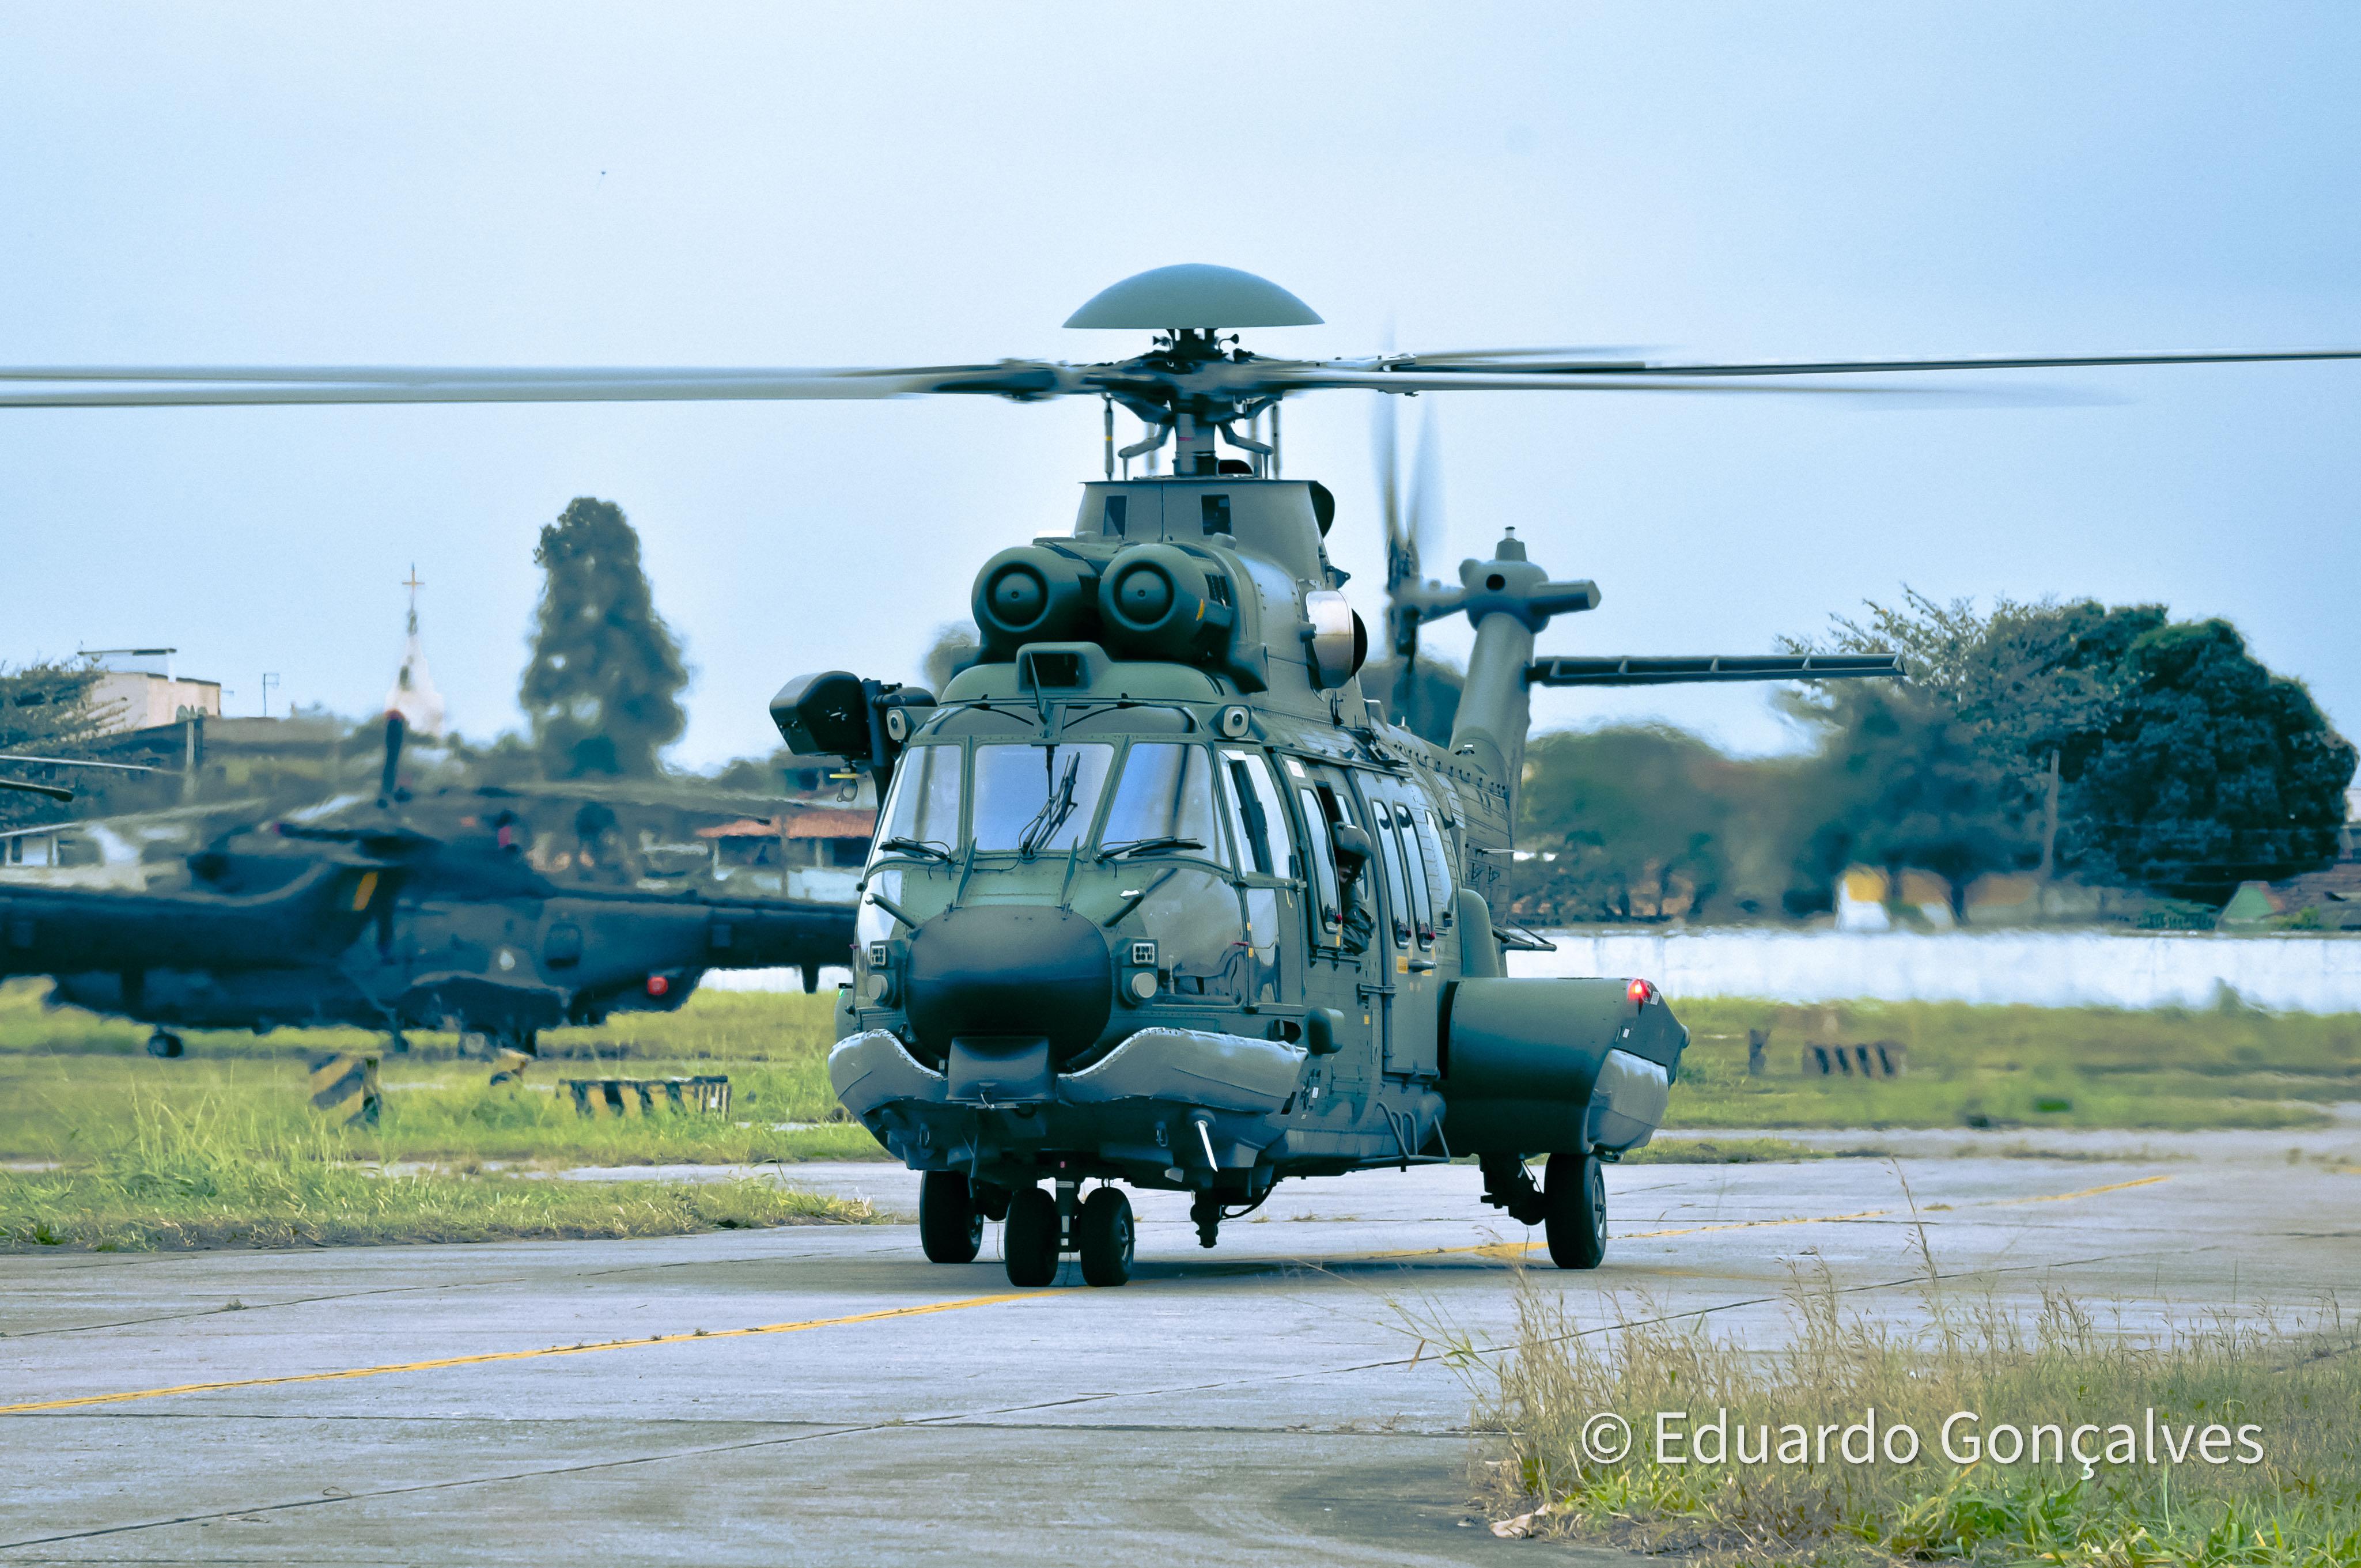 Fotografia de quando servi à Força Aérea Brasileira.